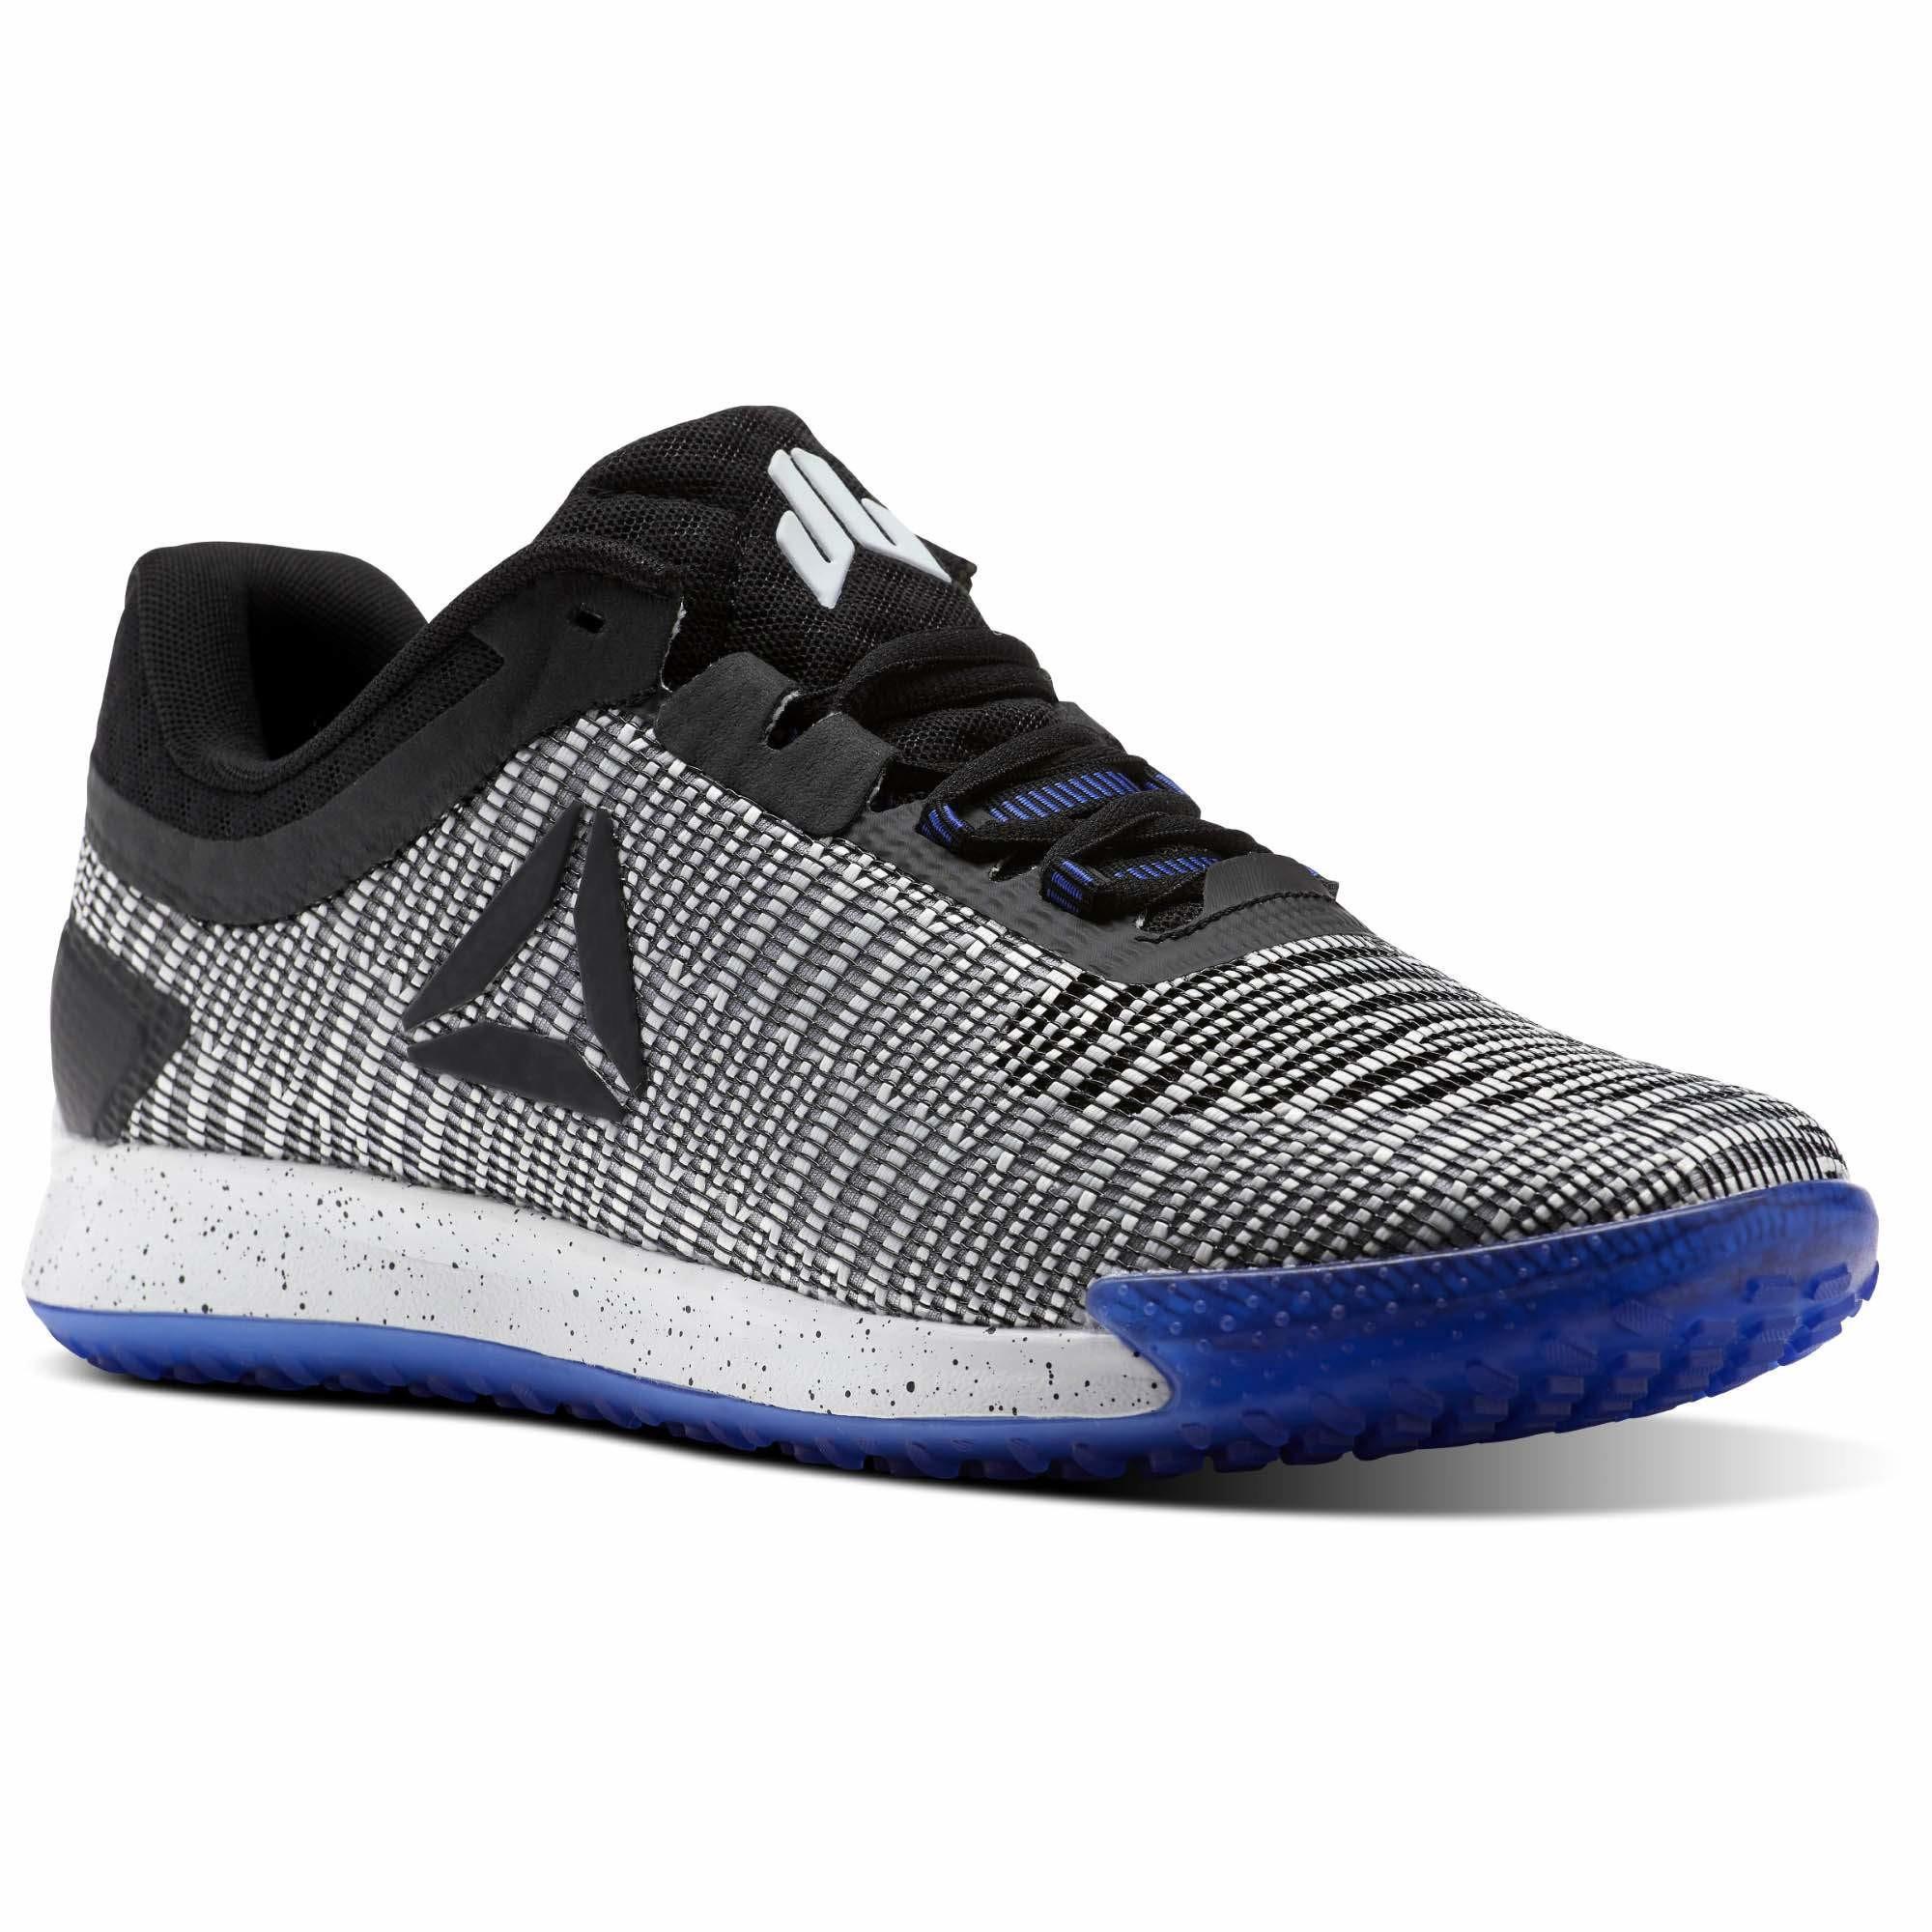 Reebok Men's JJ Watt II Training Shoe $46.99 + Free S/H